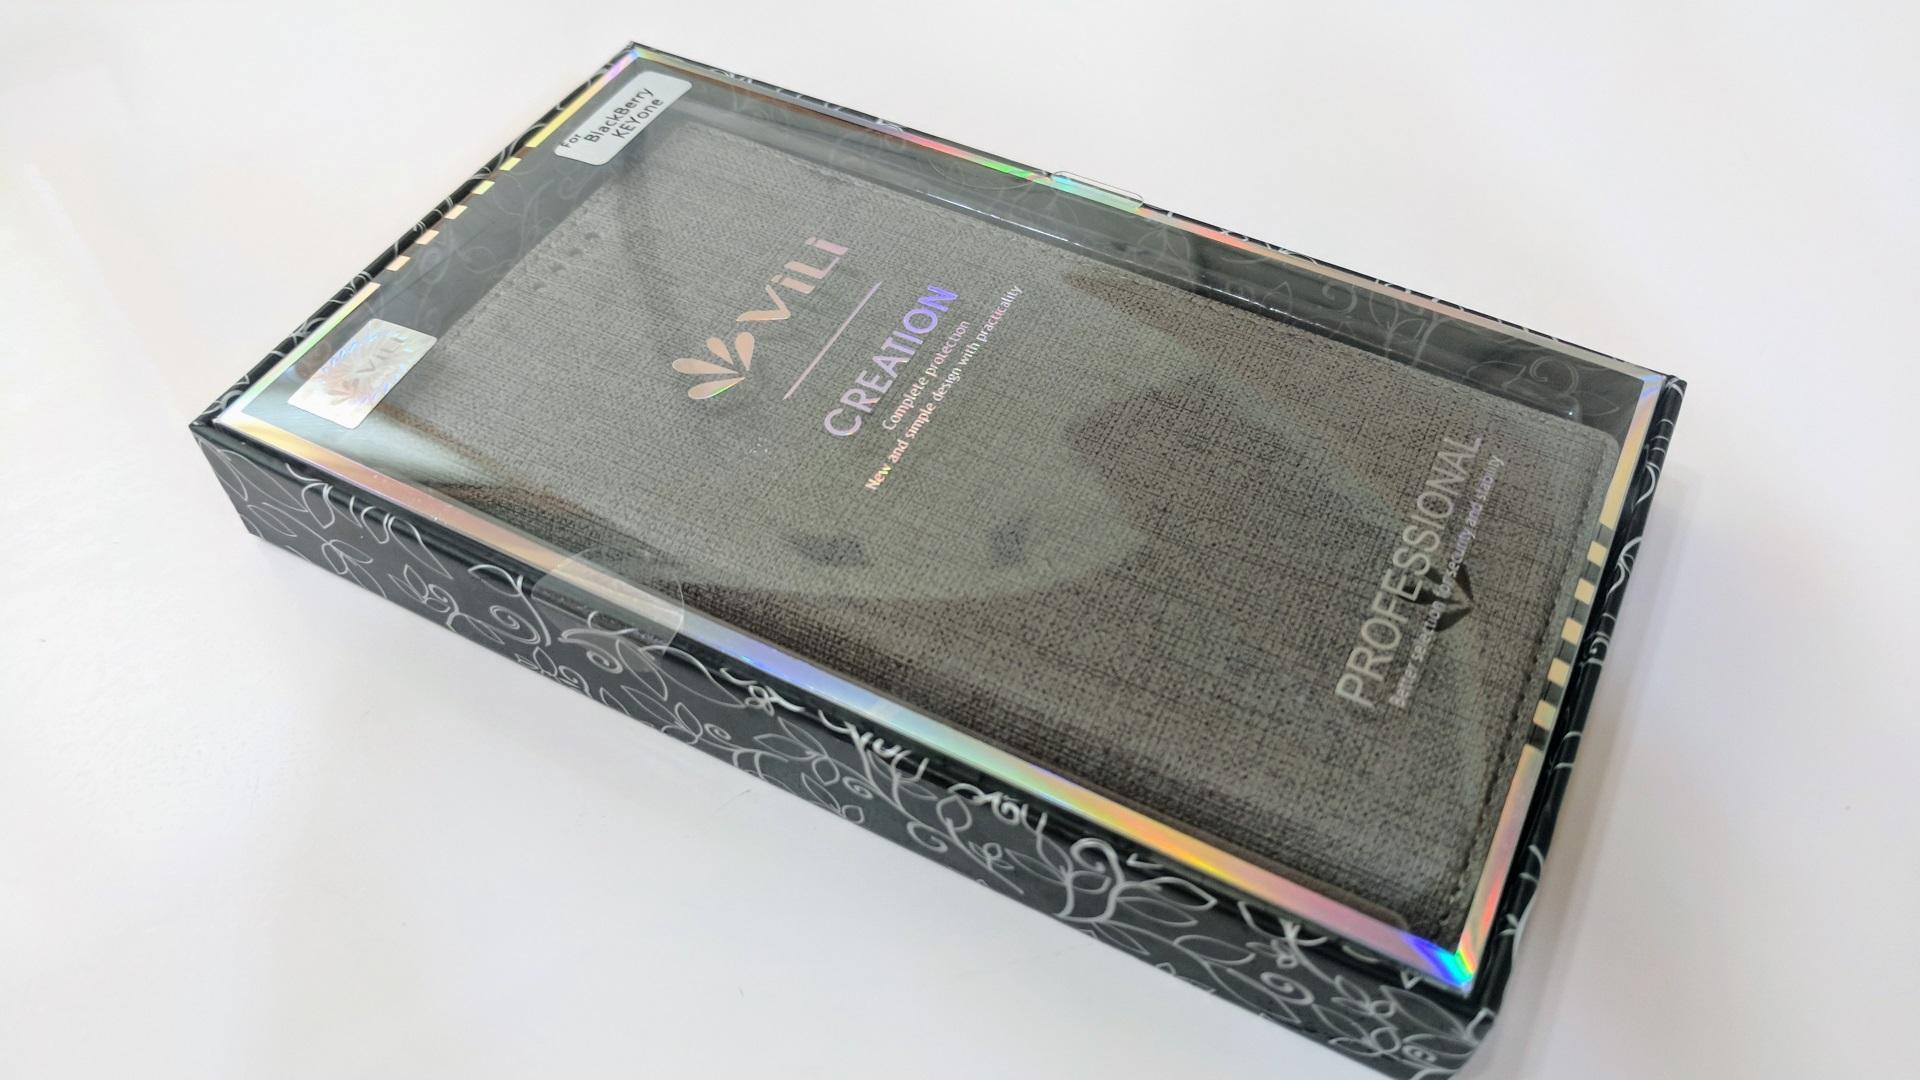 フラップが磁気で収まる「BlackBerry KEYone」用Feitenn手帳型ケースが良さげ【レポート】